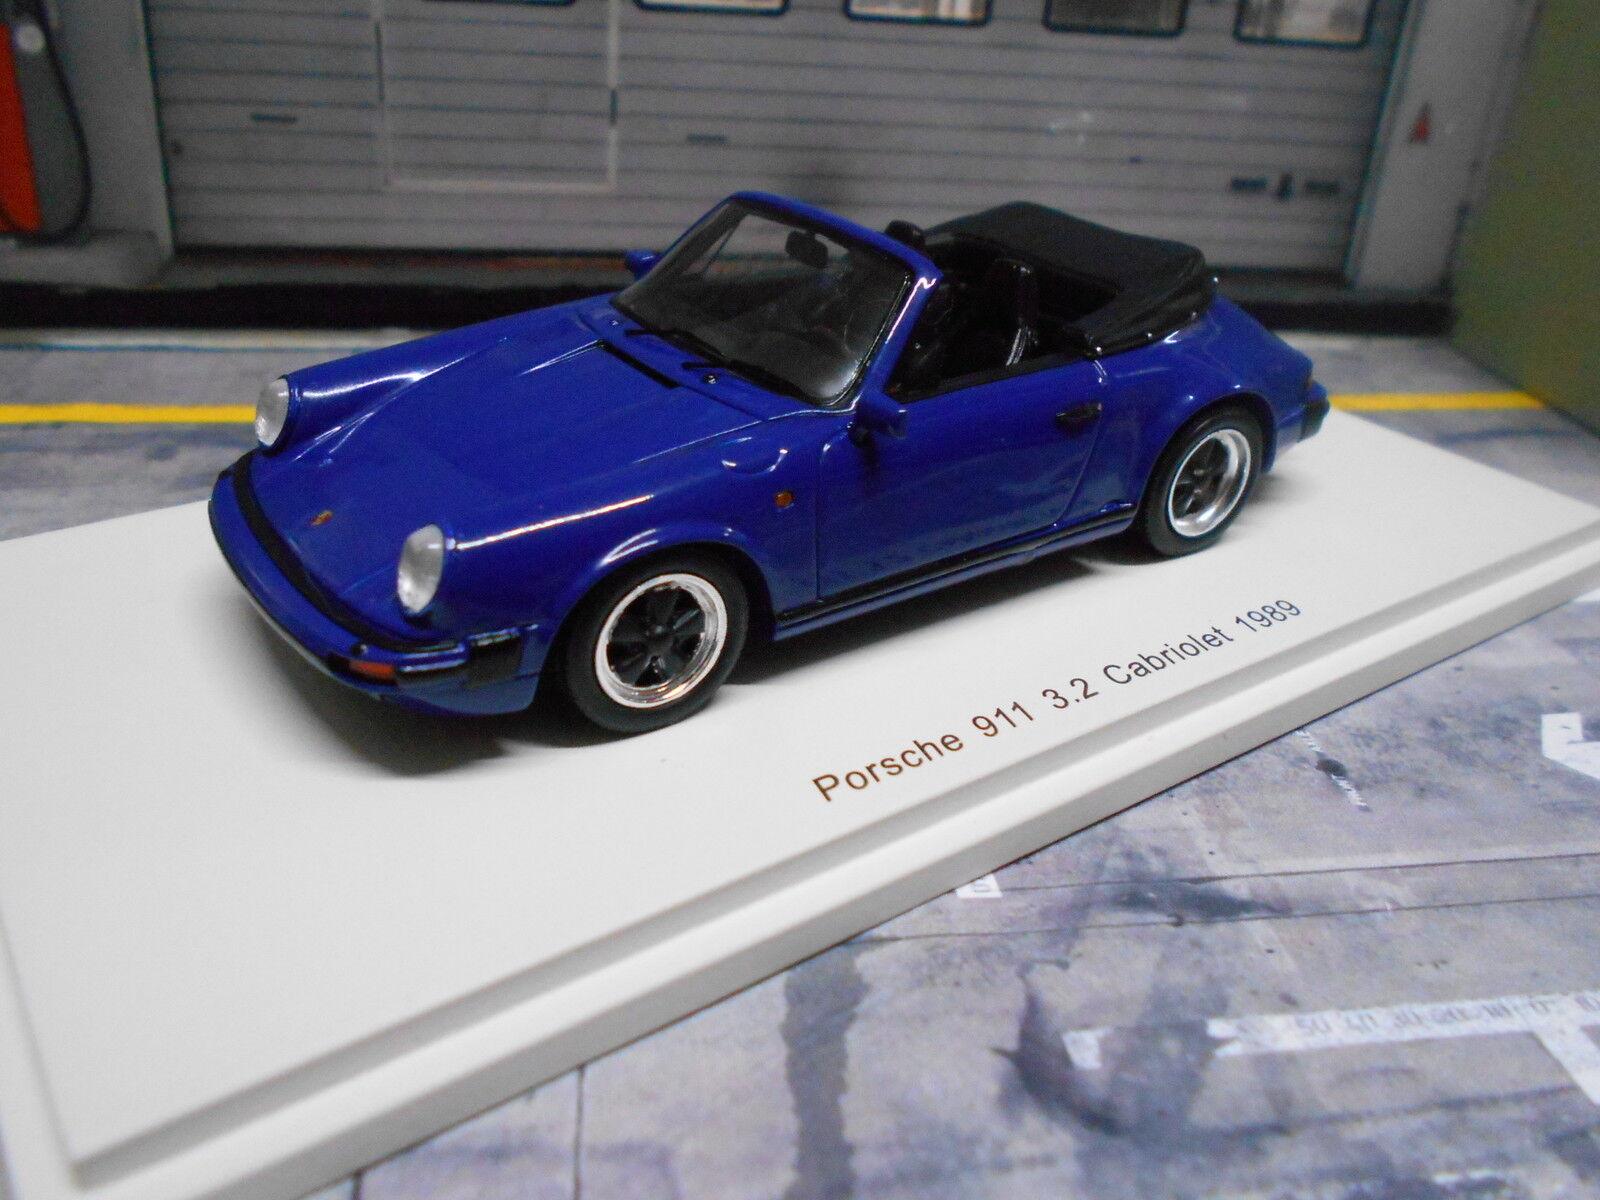 Porsche 911 Carrera 3.2 CABRIOLET CABRIO G-modèle 1989 BLEU BL spark resin 1 43